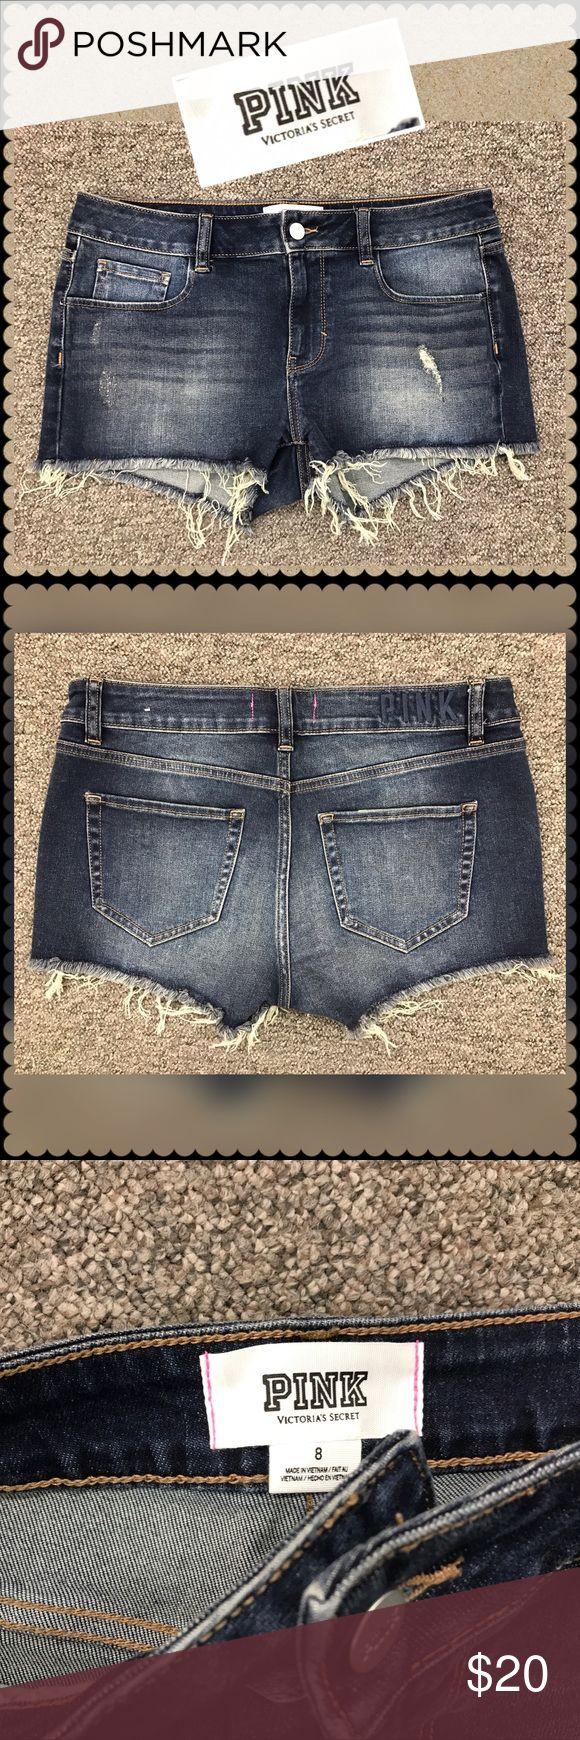 VICTORIA'S SECRET PINK Cutoff Jean Shorts Sz 8 VICTORIA'S SECRET PINK Cutoff Jean Shorts Sz 8 PINK Victoria's Secret Shorts Jean Shorts